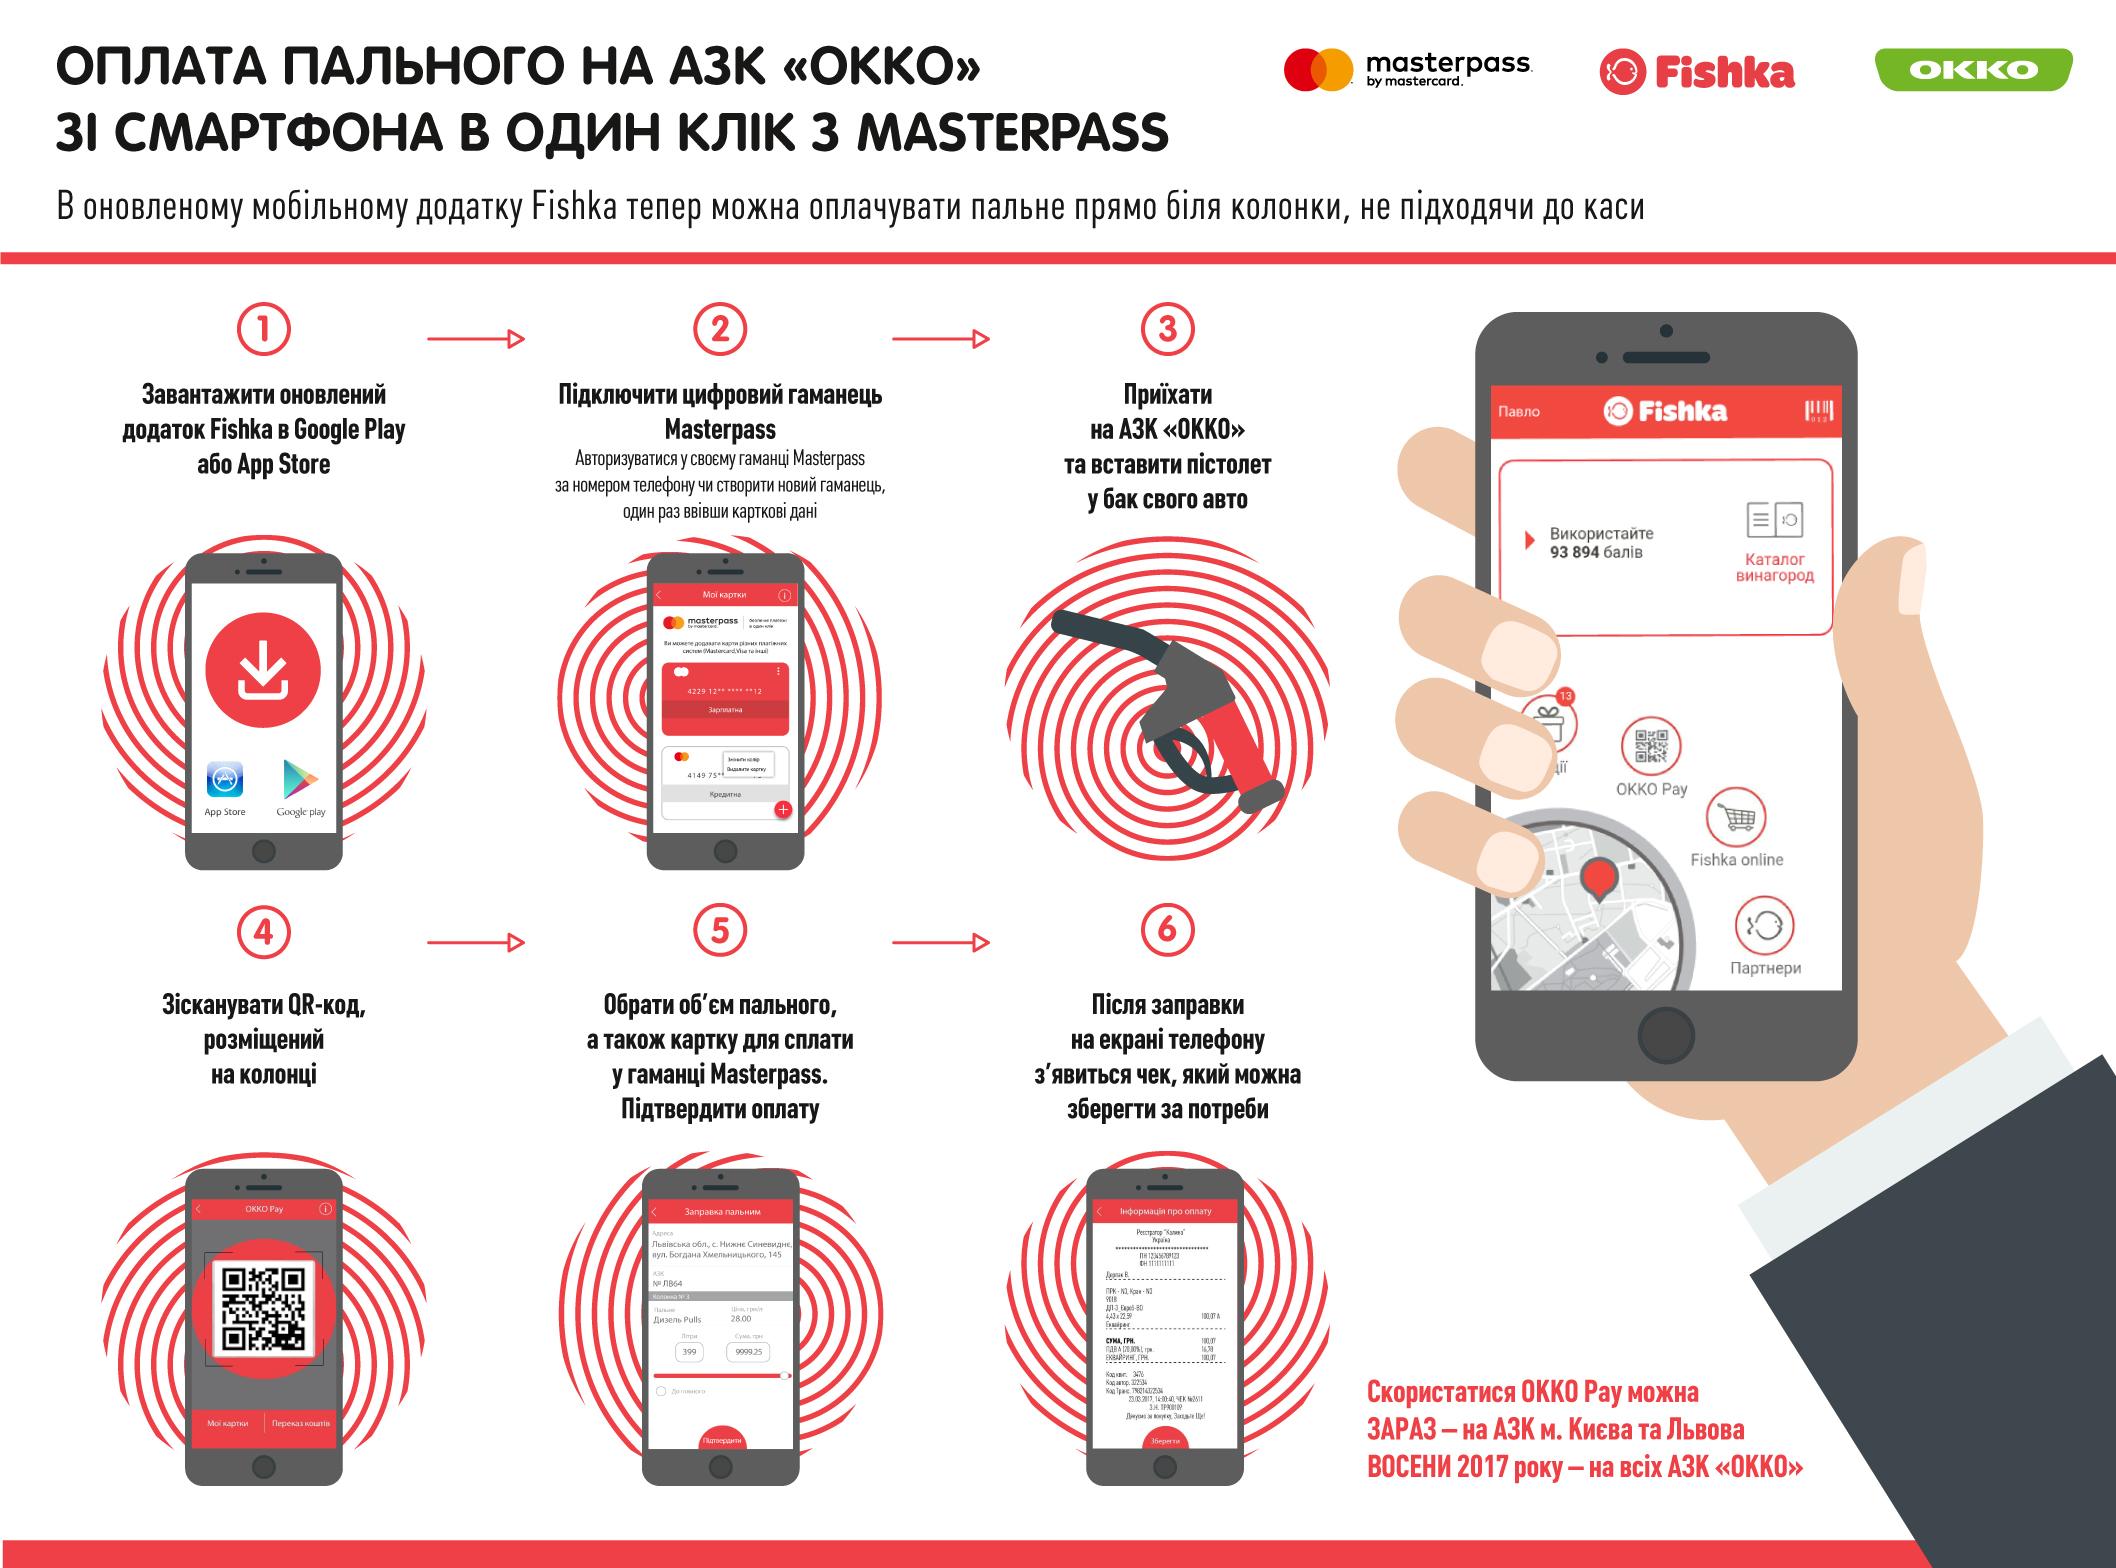 ОККО тоже запустила услугу оплаты топлива посредством смартфона на своих заправках и до 31 августа предоставляет скидку 3 грн на каждый литр